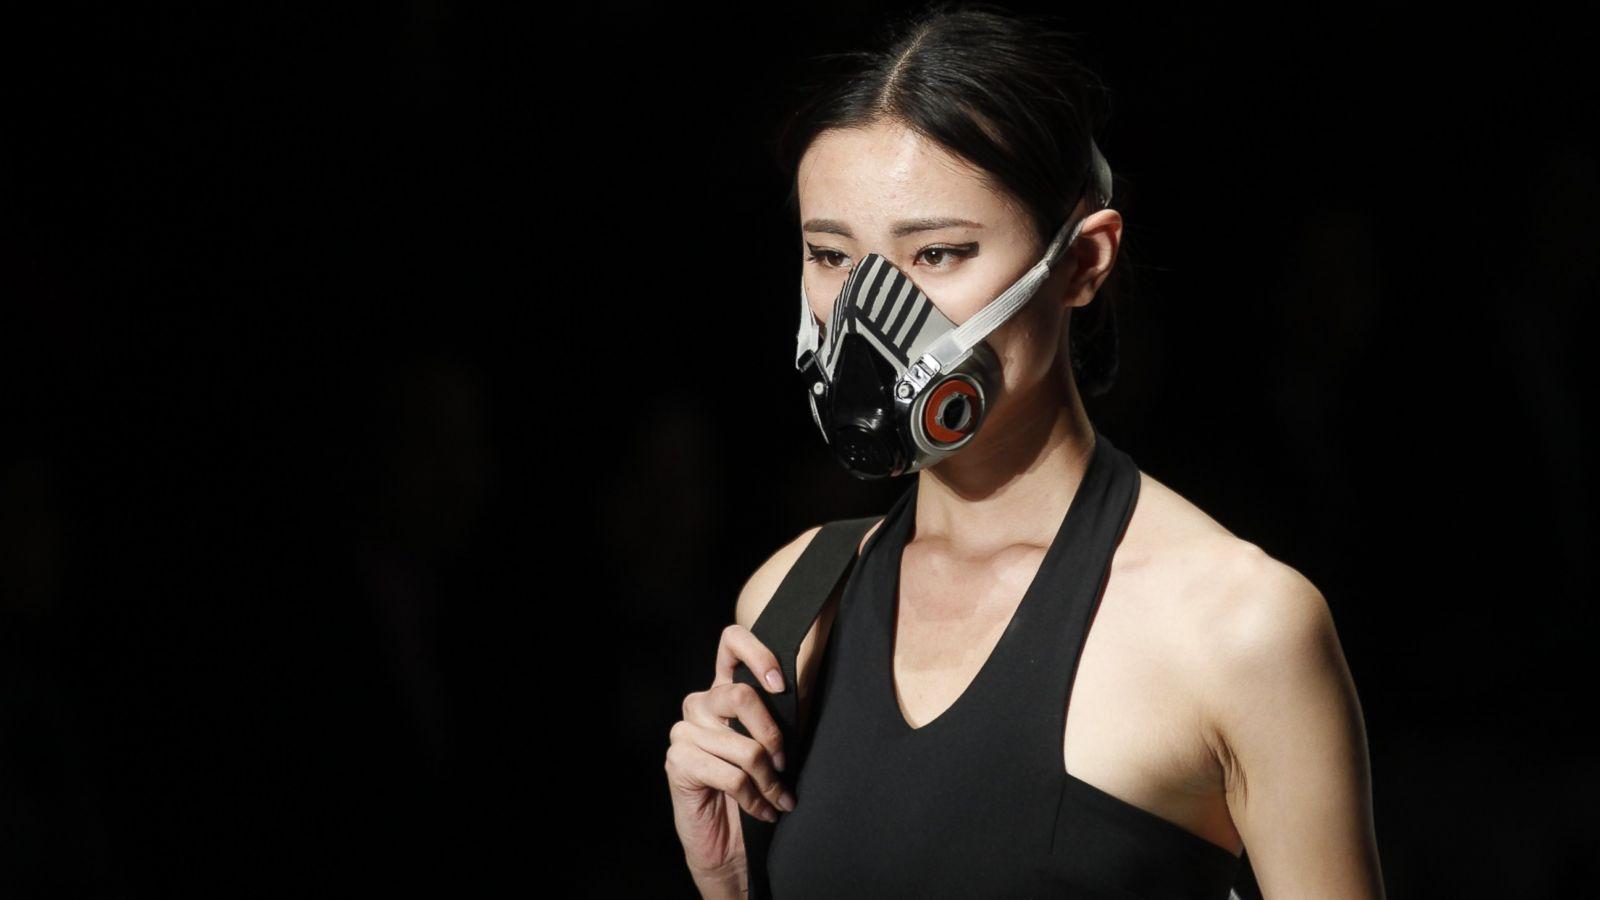 International china fashion week smog mask best photo